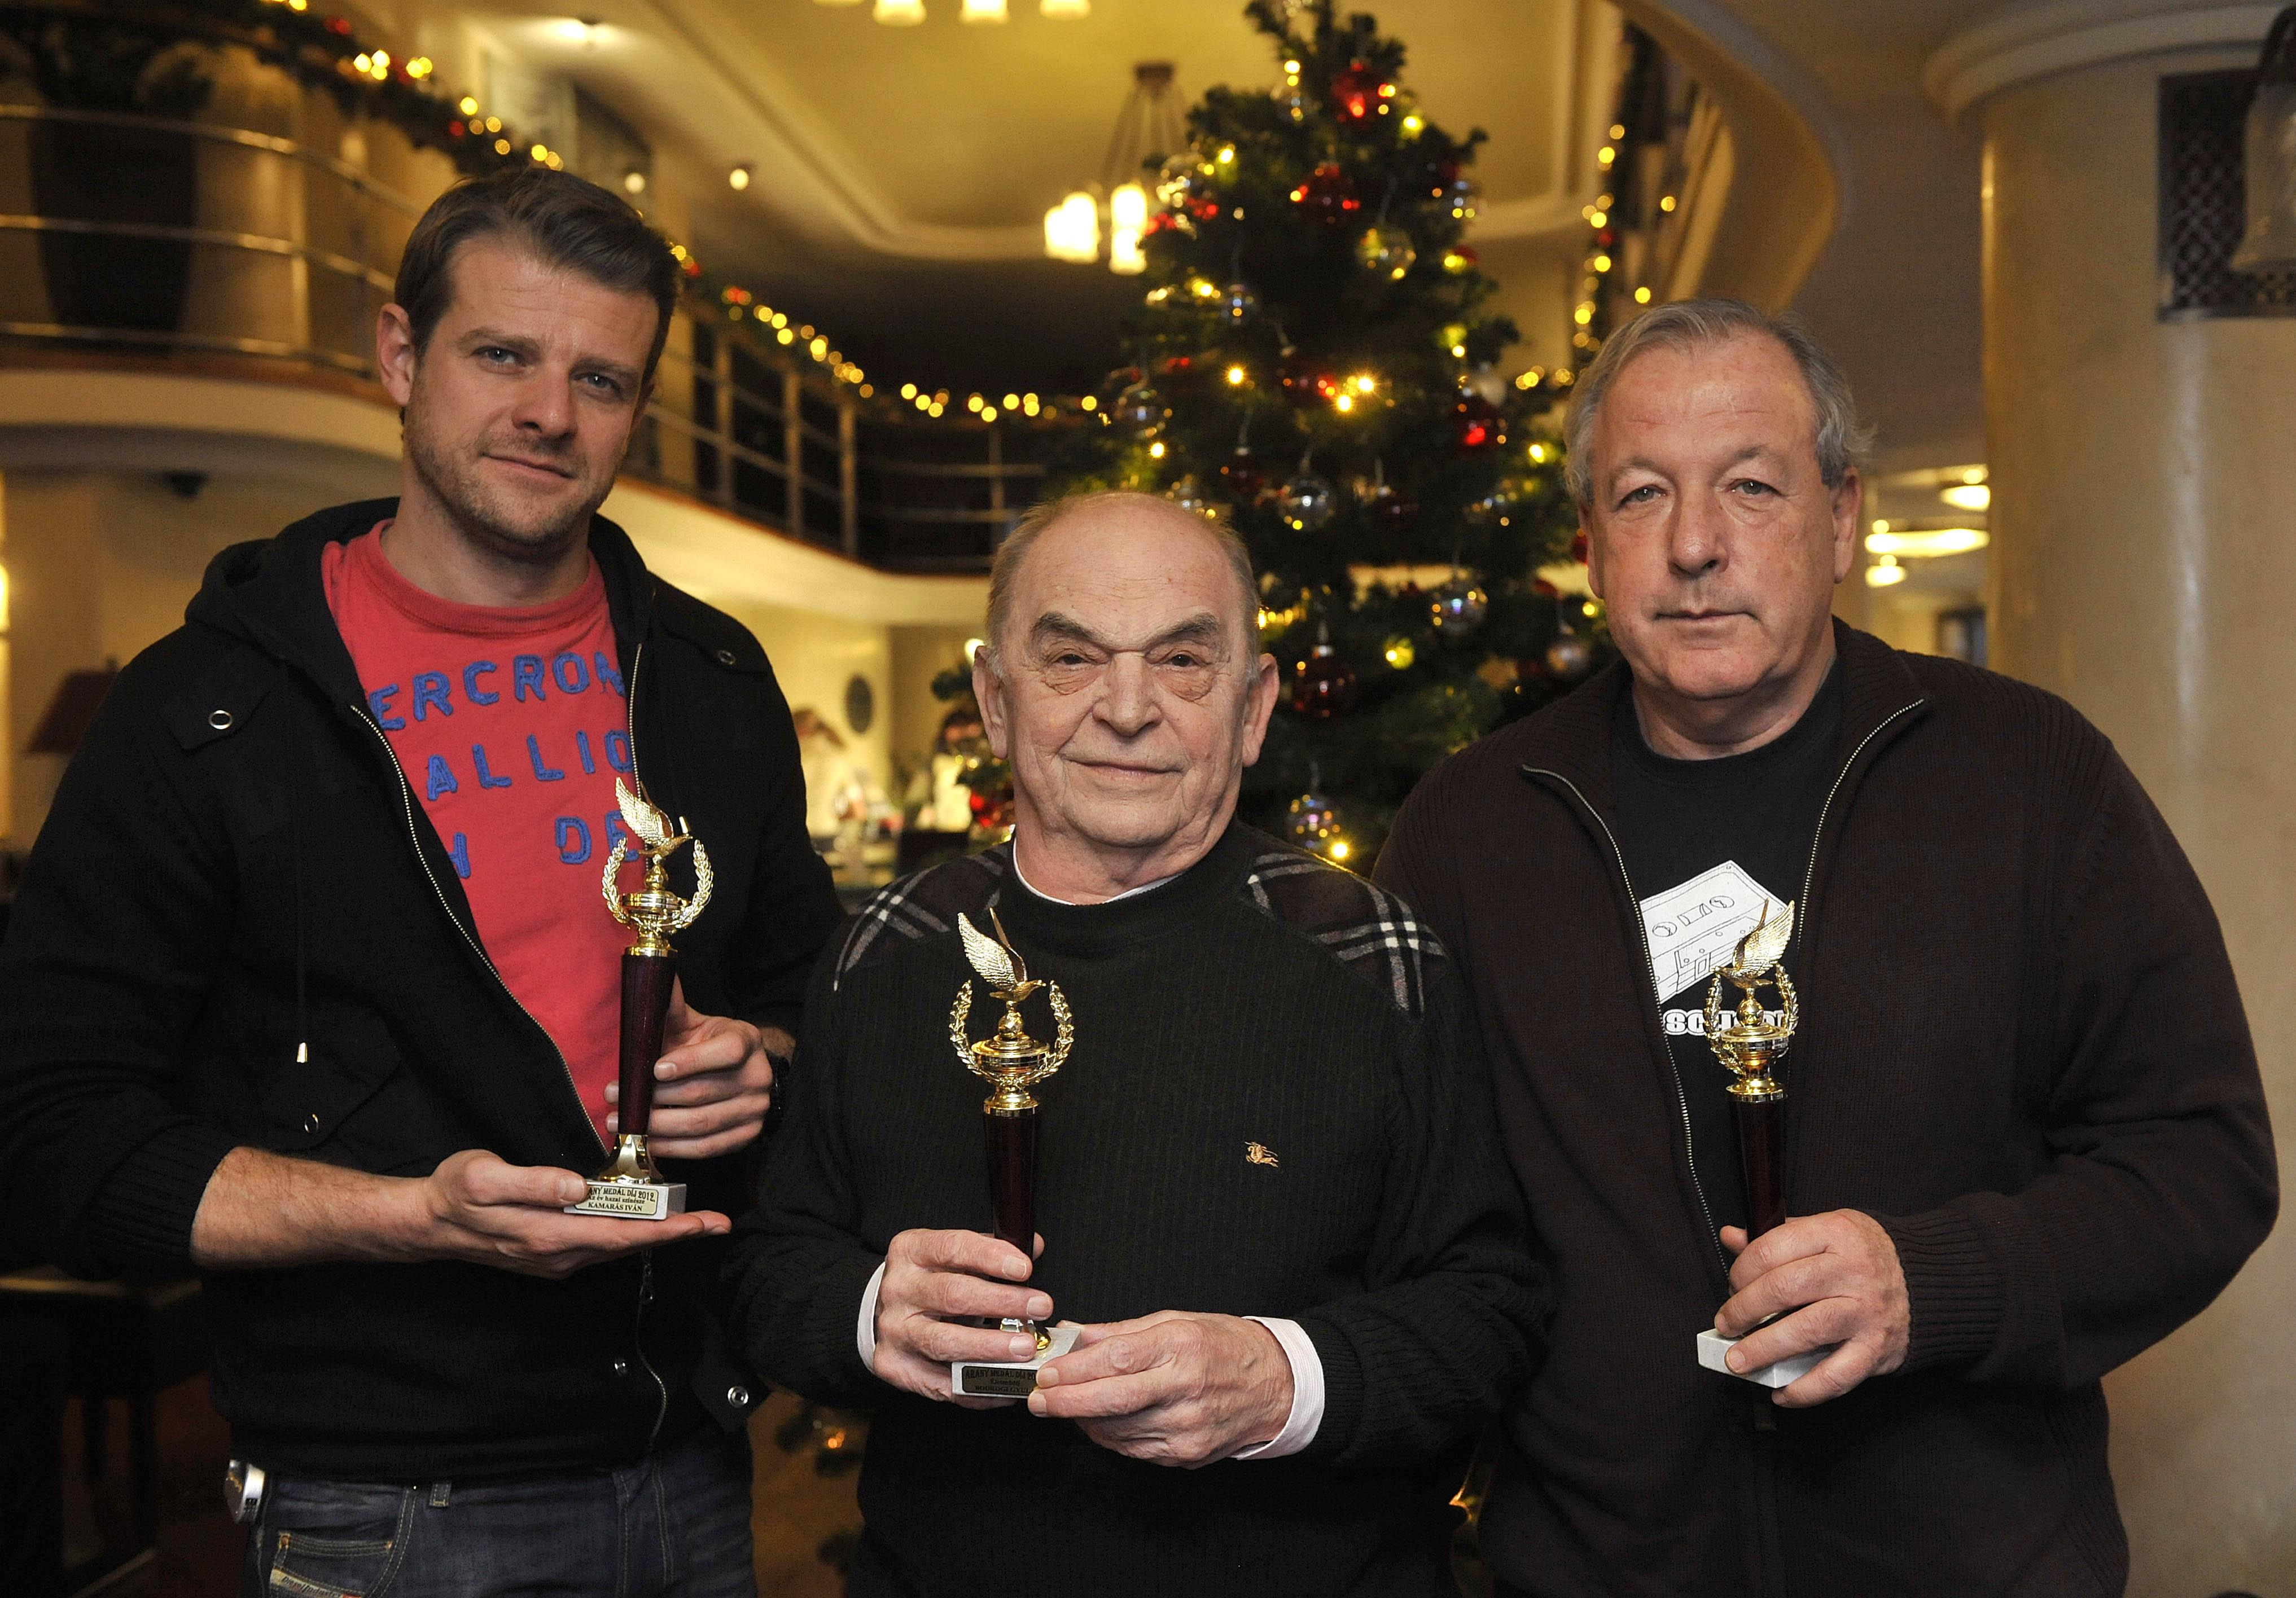 Kamarás Iván, Bodrogi Gyula és Vámos Miklós, a 2012. évi Arany Medál-díjak kitüntetettjei Fotó: Bruzák Noémi